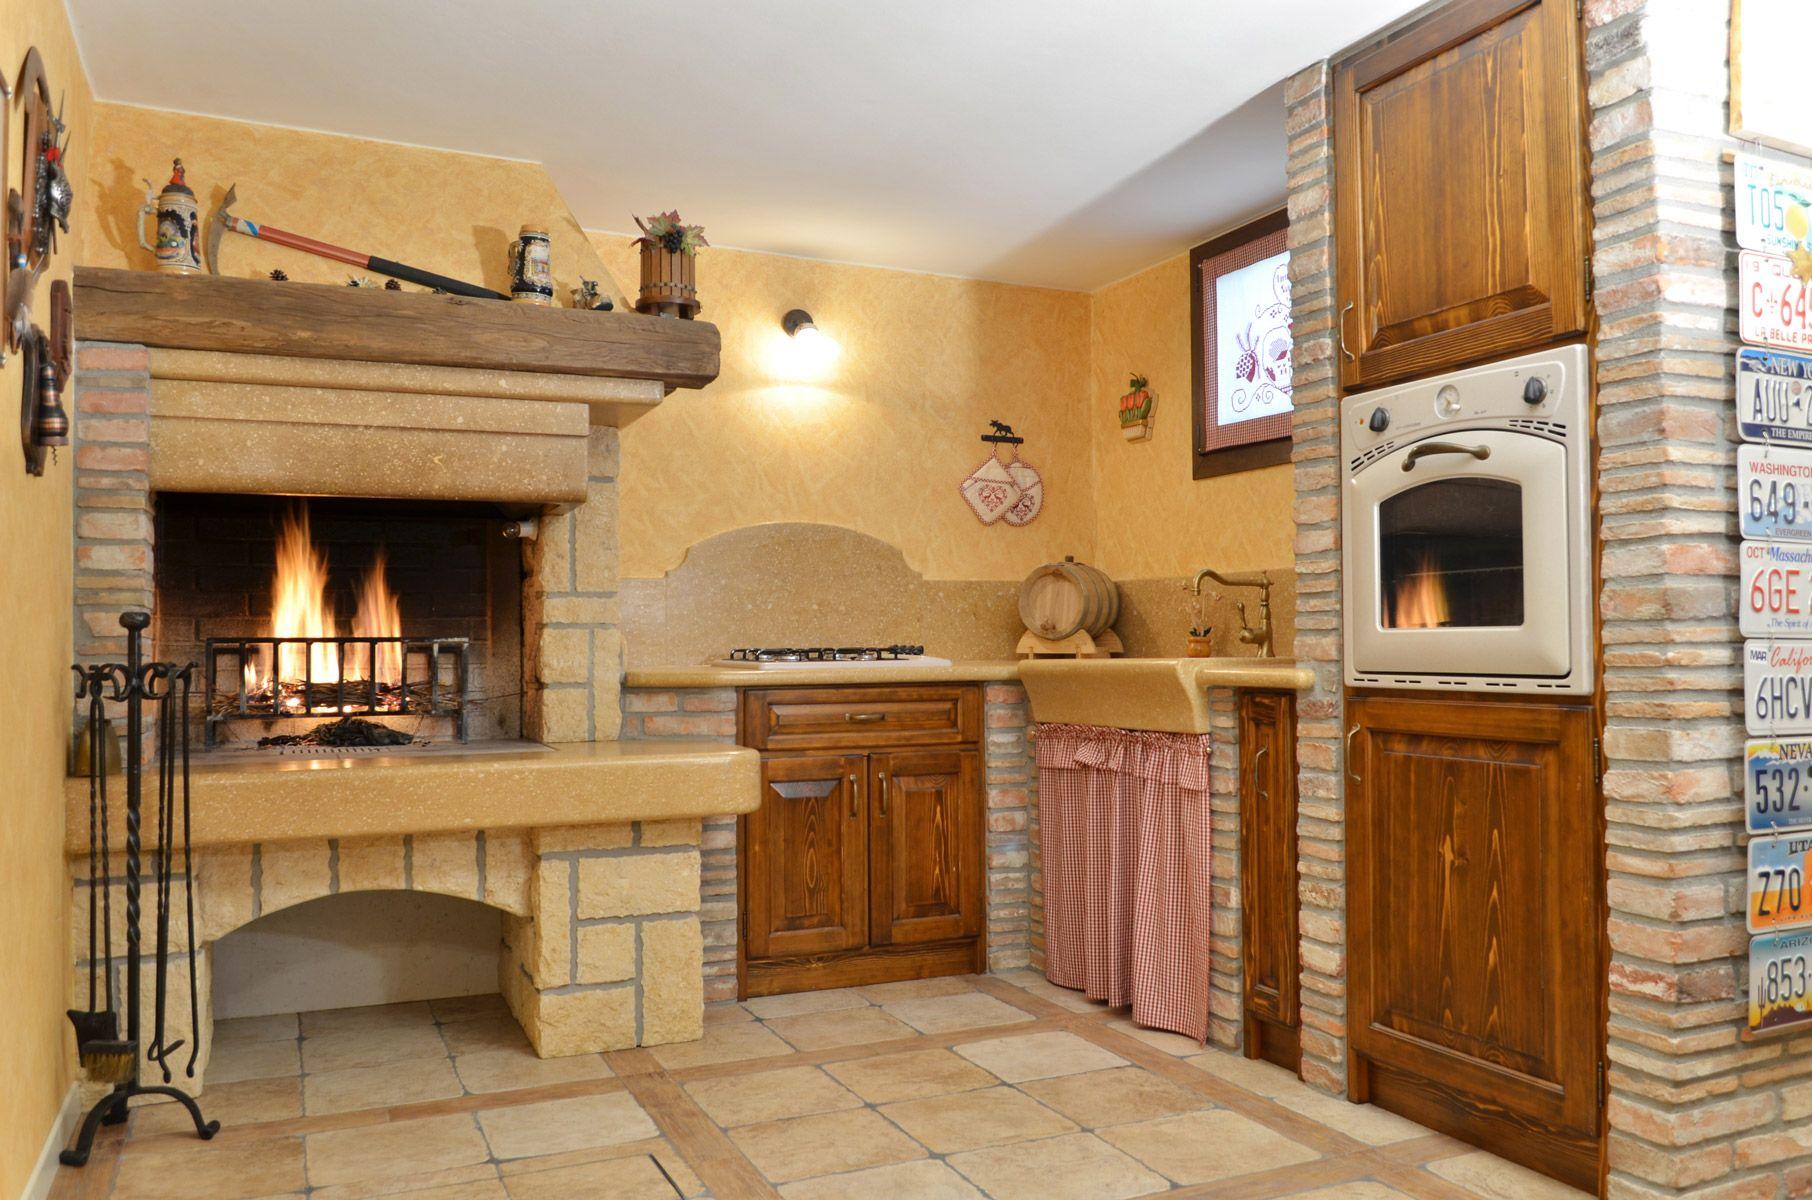 Cucina rustica in muratura Caminetto per taverna Piano cucina in marmo Mattone faccia vista